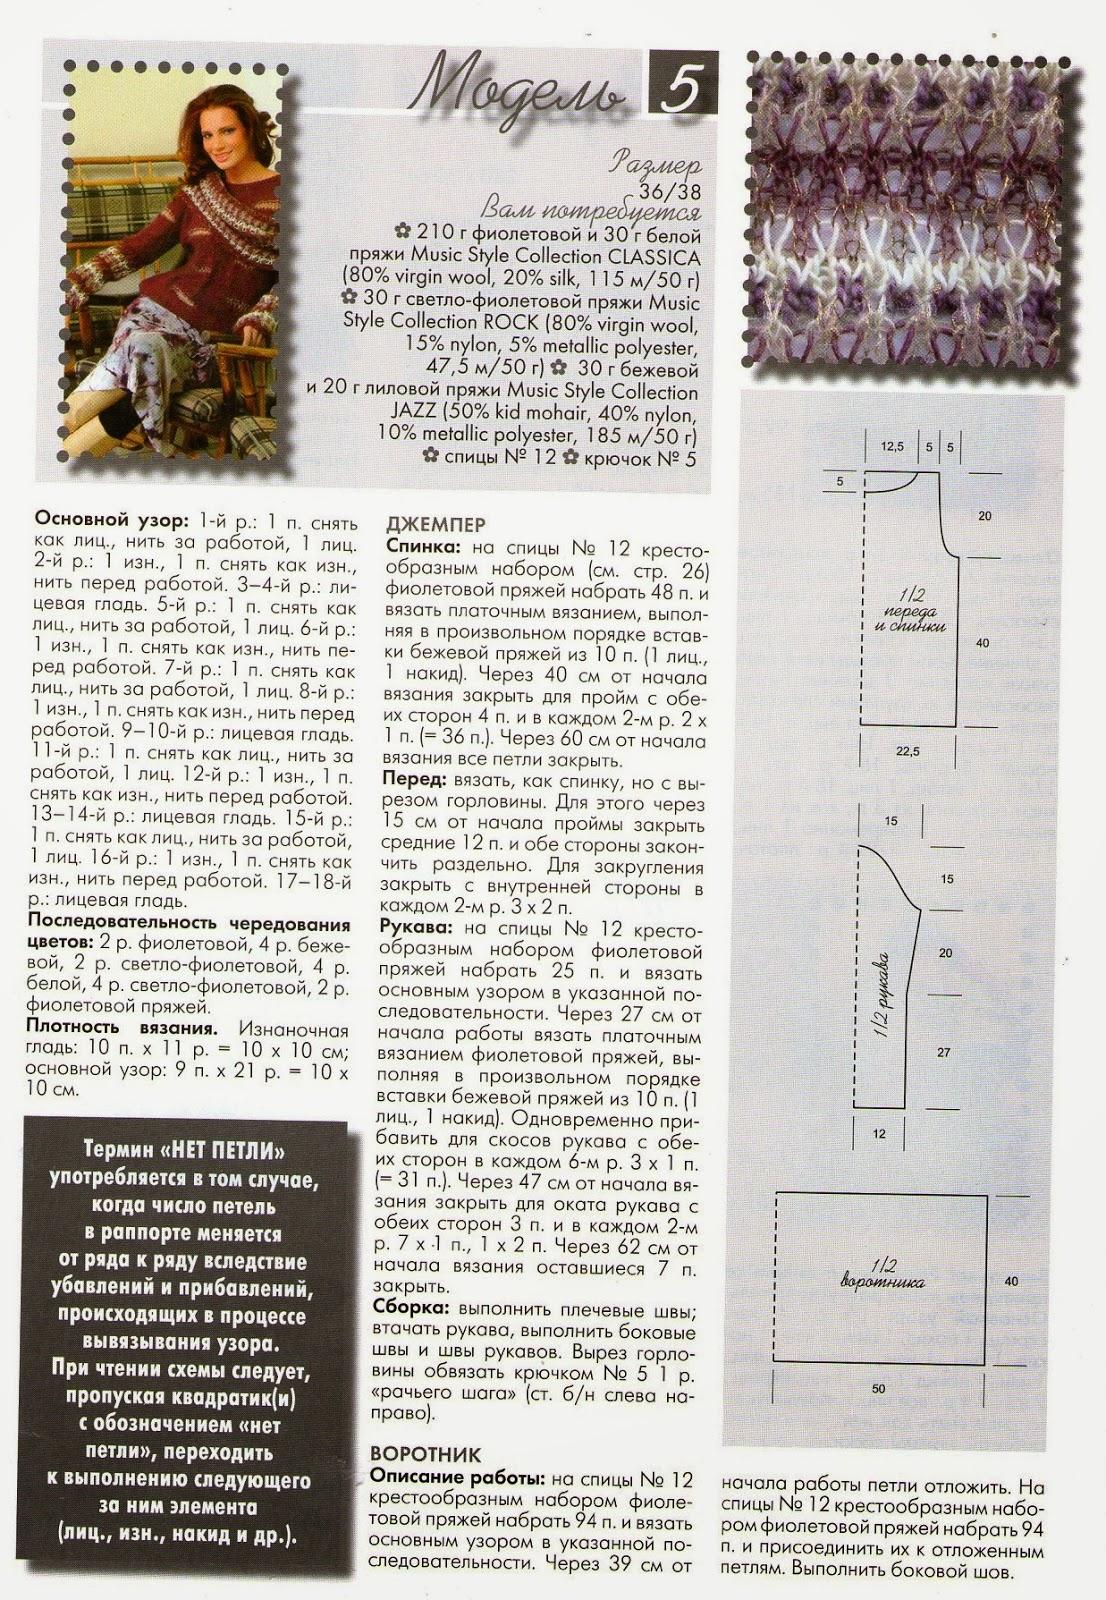 Вязанные схема с пауками